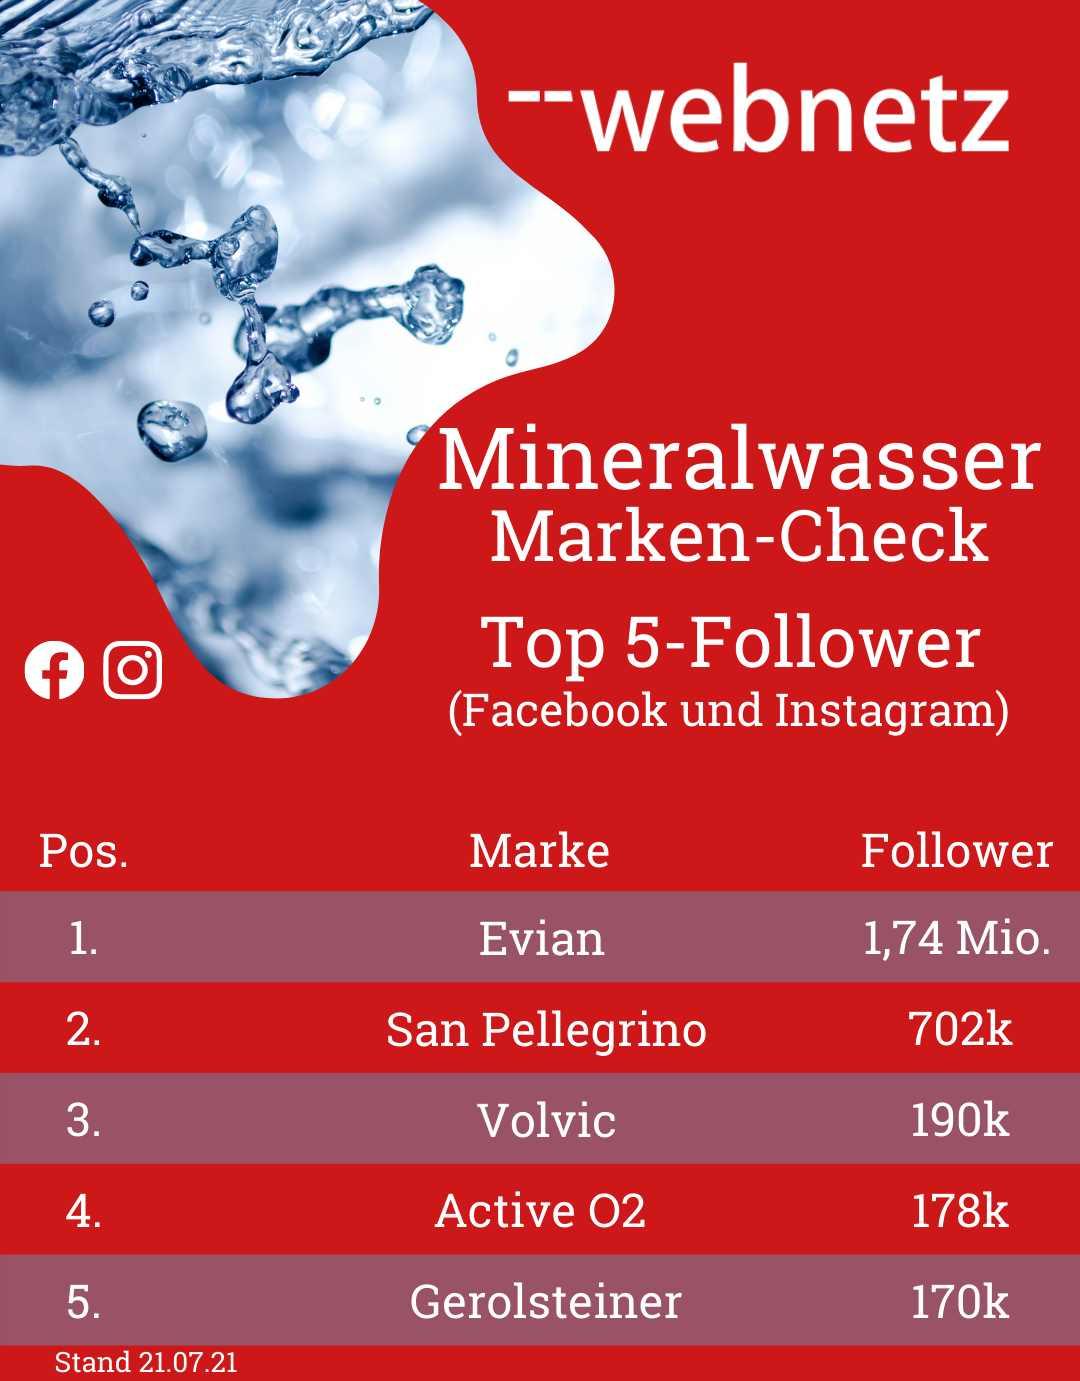 Mineralwasser-Marken Top 5-Follower (Facebook und Instagram)